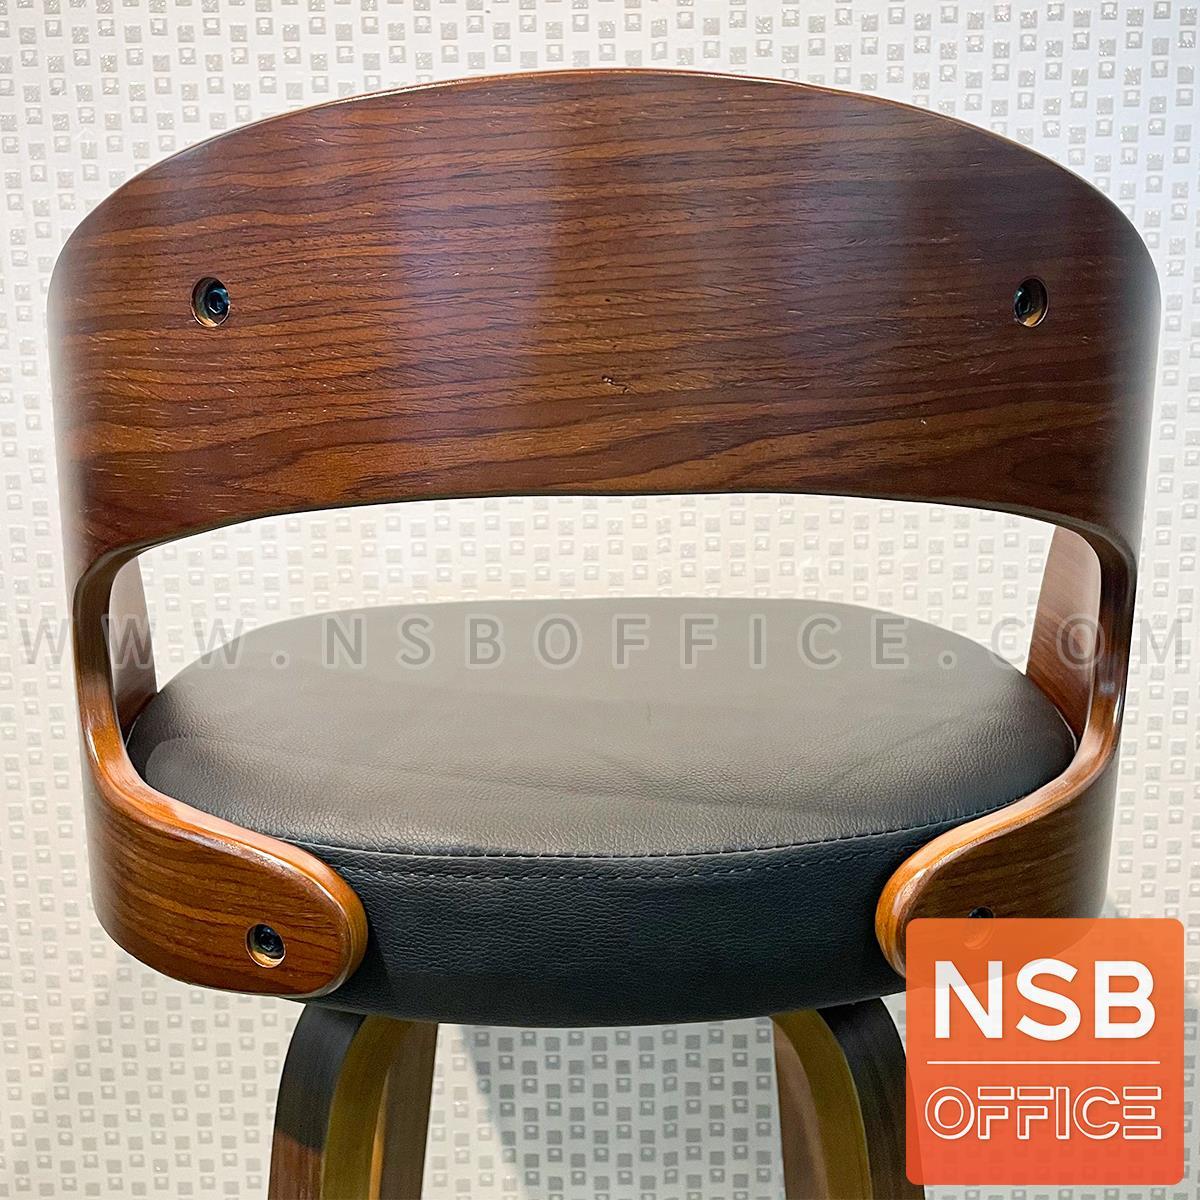 เก้าอี้บาร์สูงหุ้มหนังเทียม รุ่น Dark knight  ขาไม้